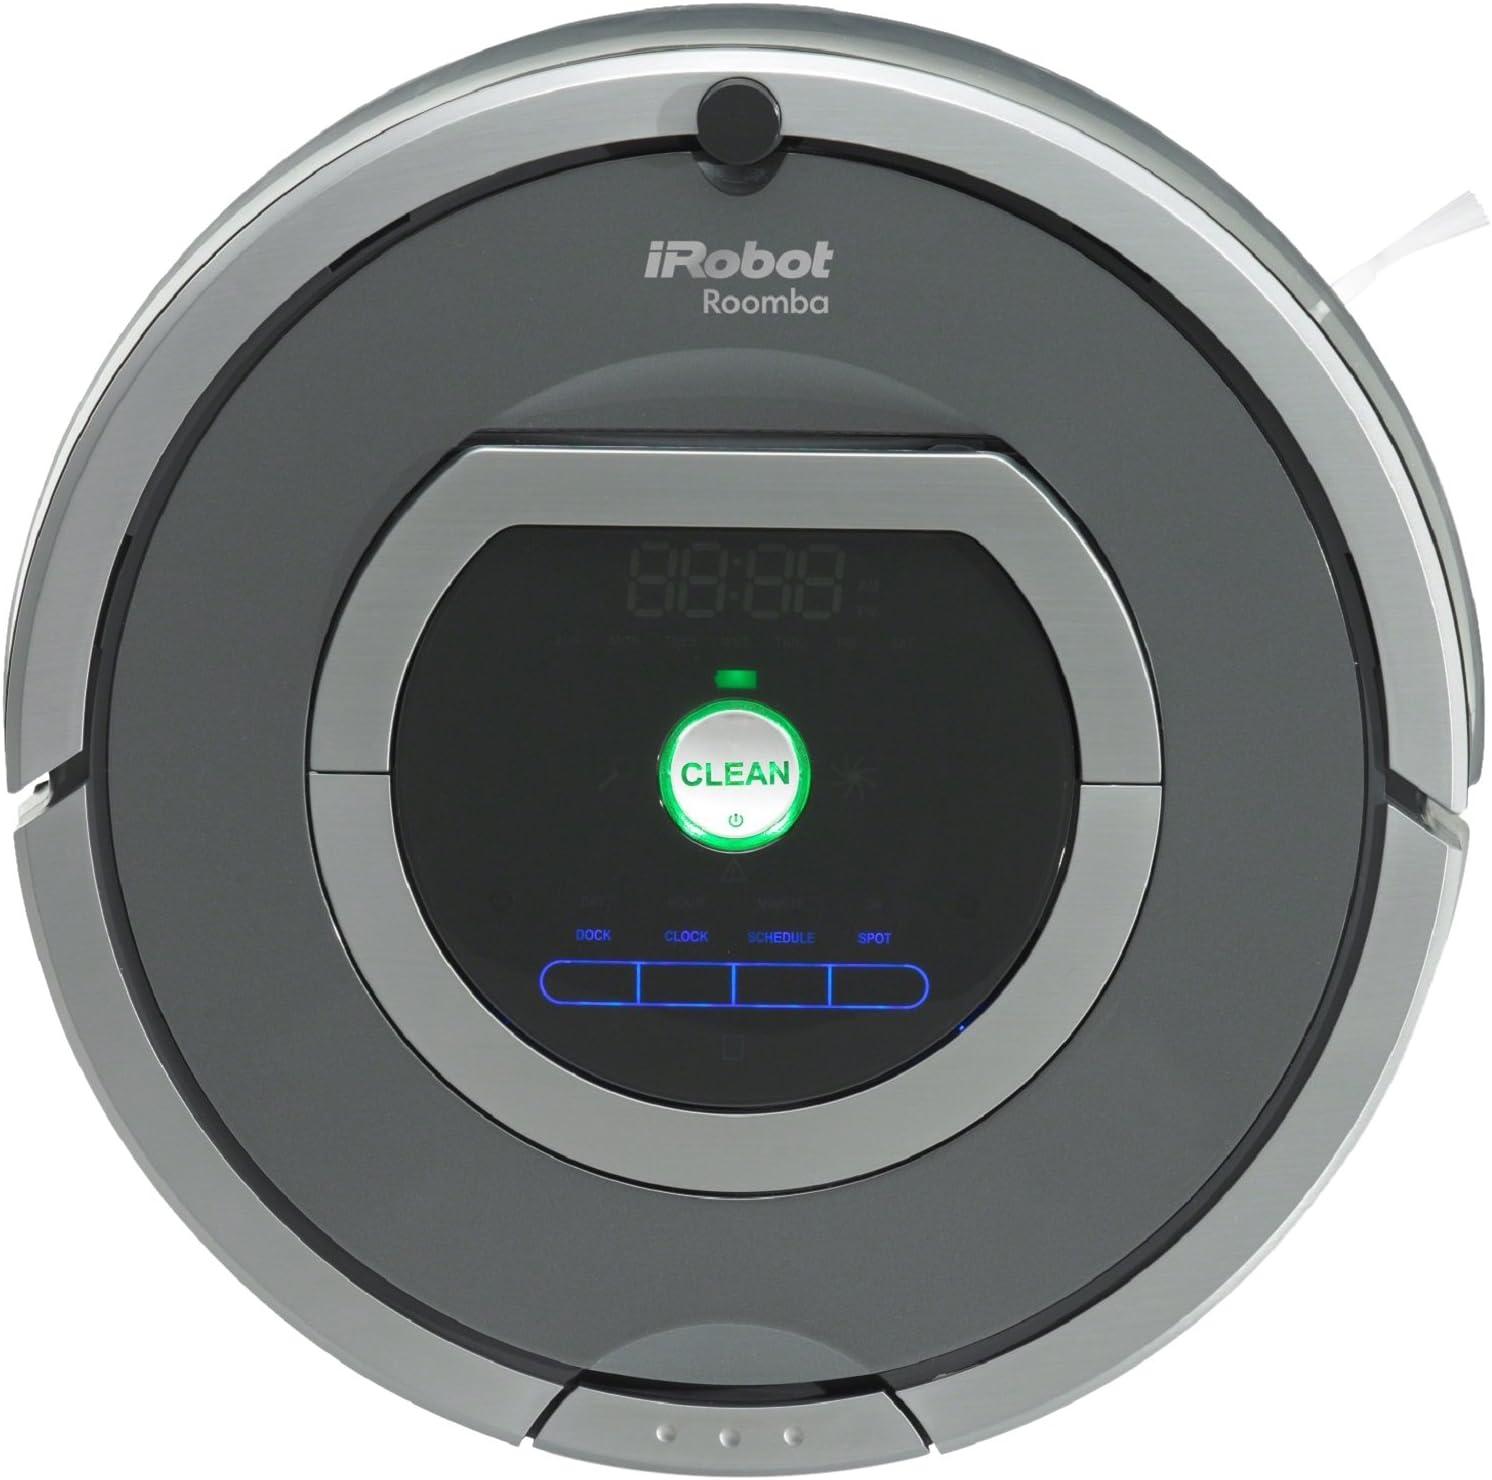 iRobot Roomba 782 Aspirateur Robot, système de nettoyage